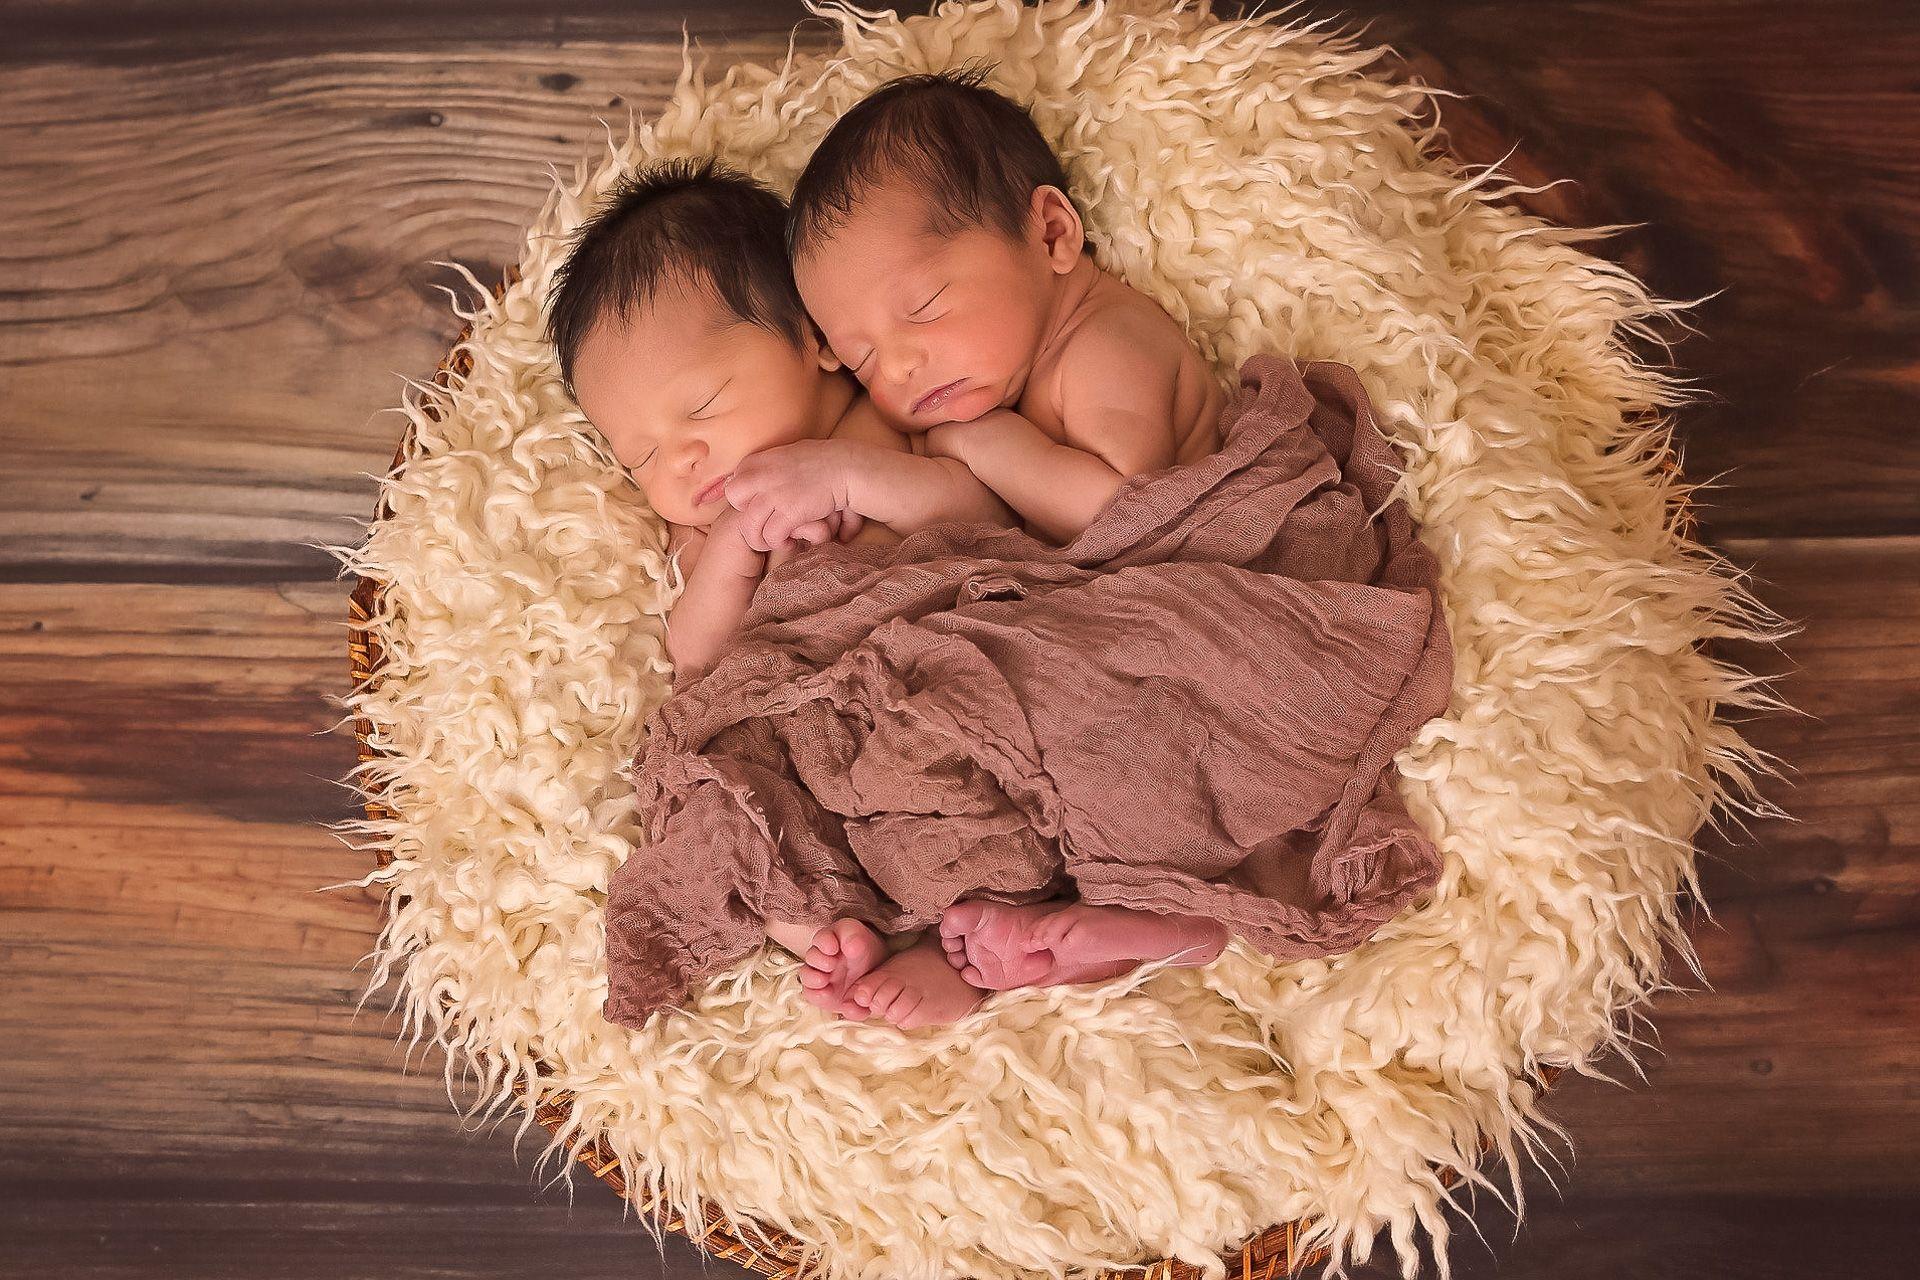 роды на Филиппинах, Беременность на Филиппинах